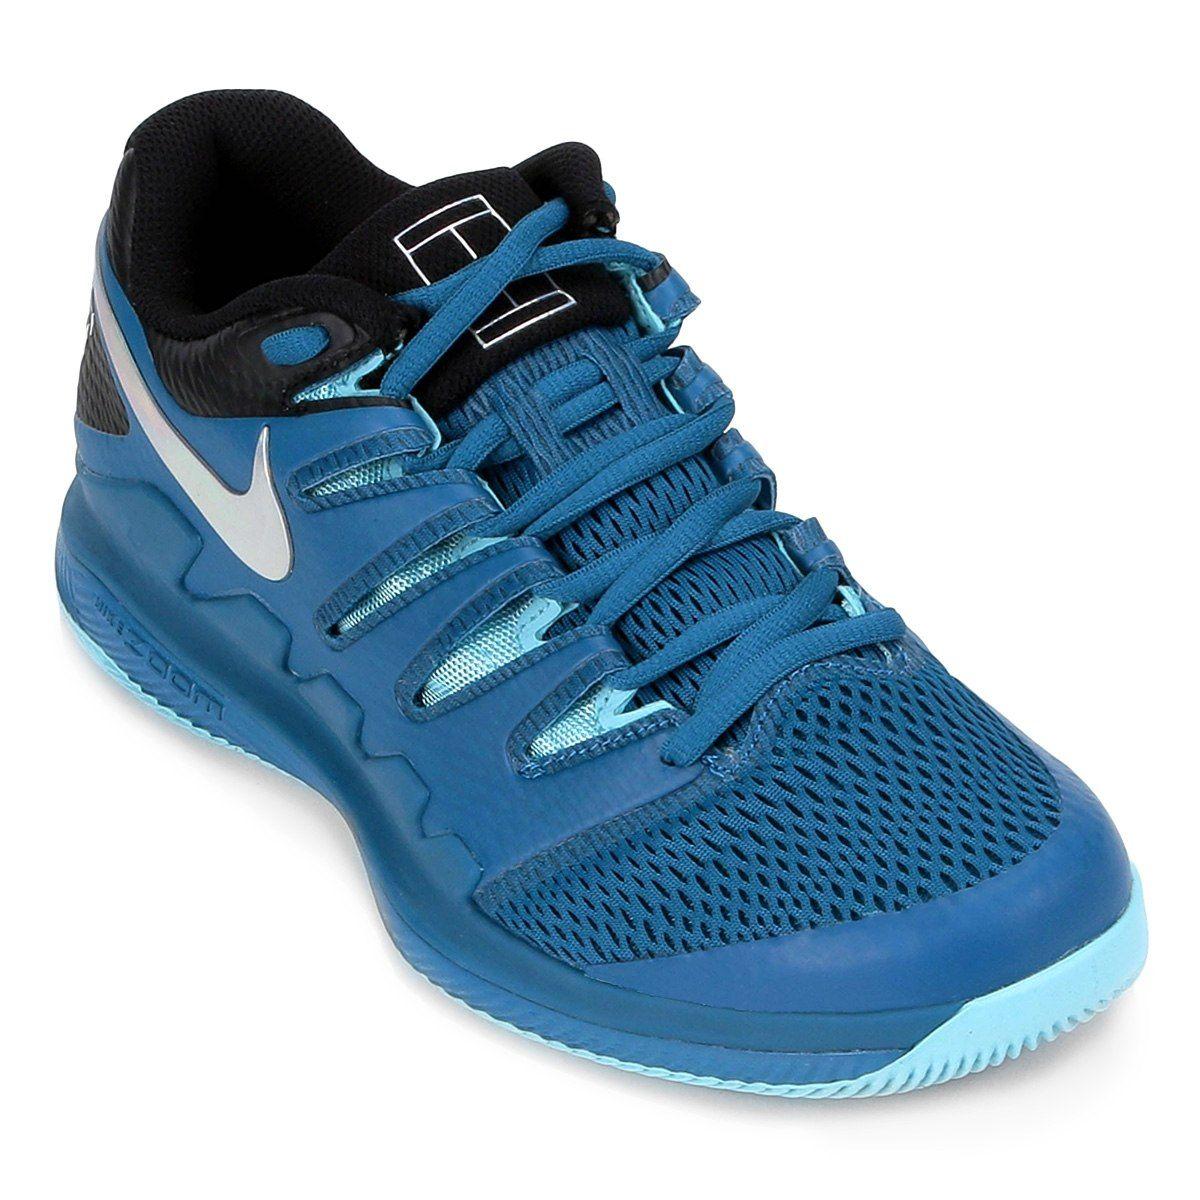 9e6c206e345 Tênis Nike Air Zoom Vapor X Masculino - Roger Federer - PROTENISTA ...